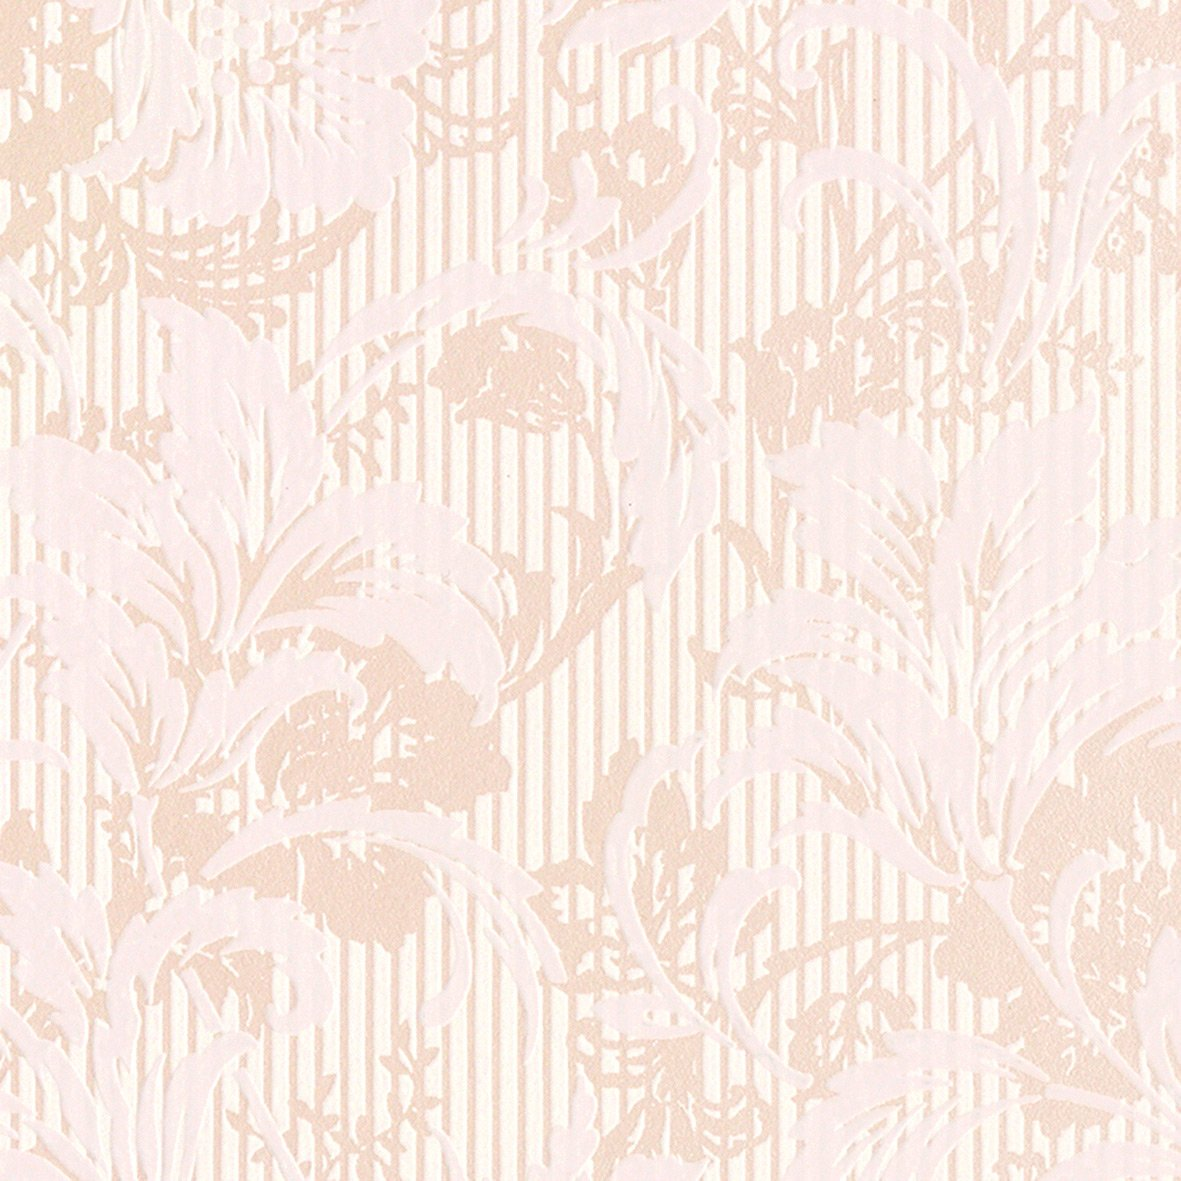 リリカラ 壁紙42m フェミニン 花柄 ピンク 水廻り LV-6238 B01IHQ31H2 42m|ピンク